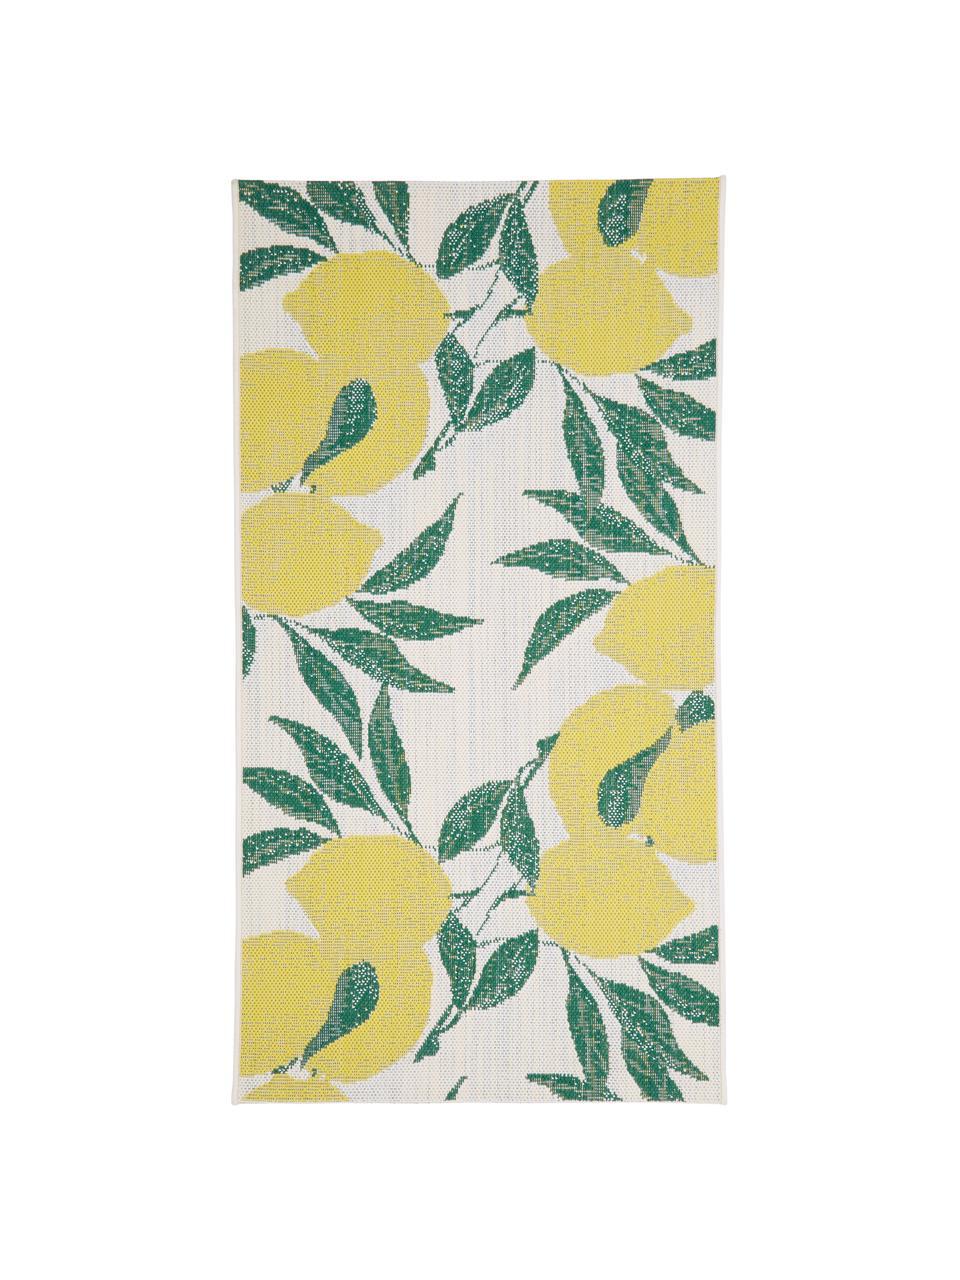 Tapis d'extérieur imprimé citron Limonia, Blanc, jaune, vert